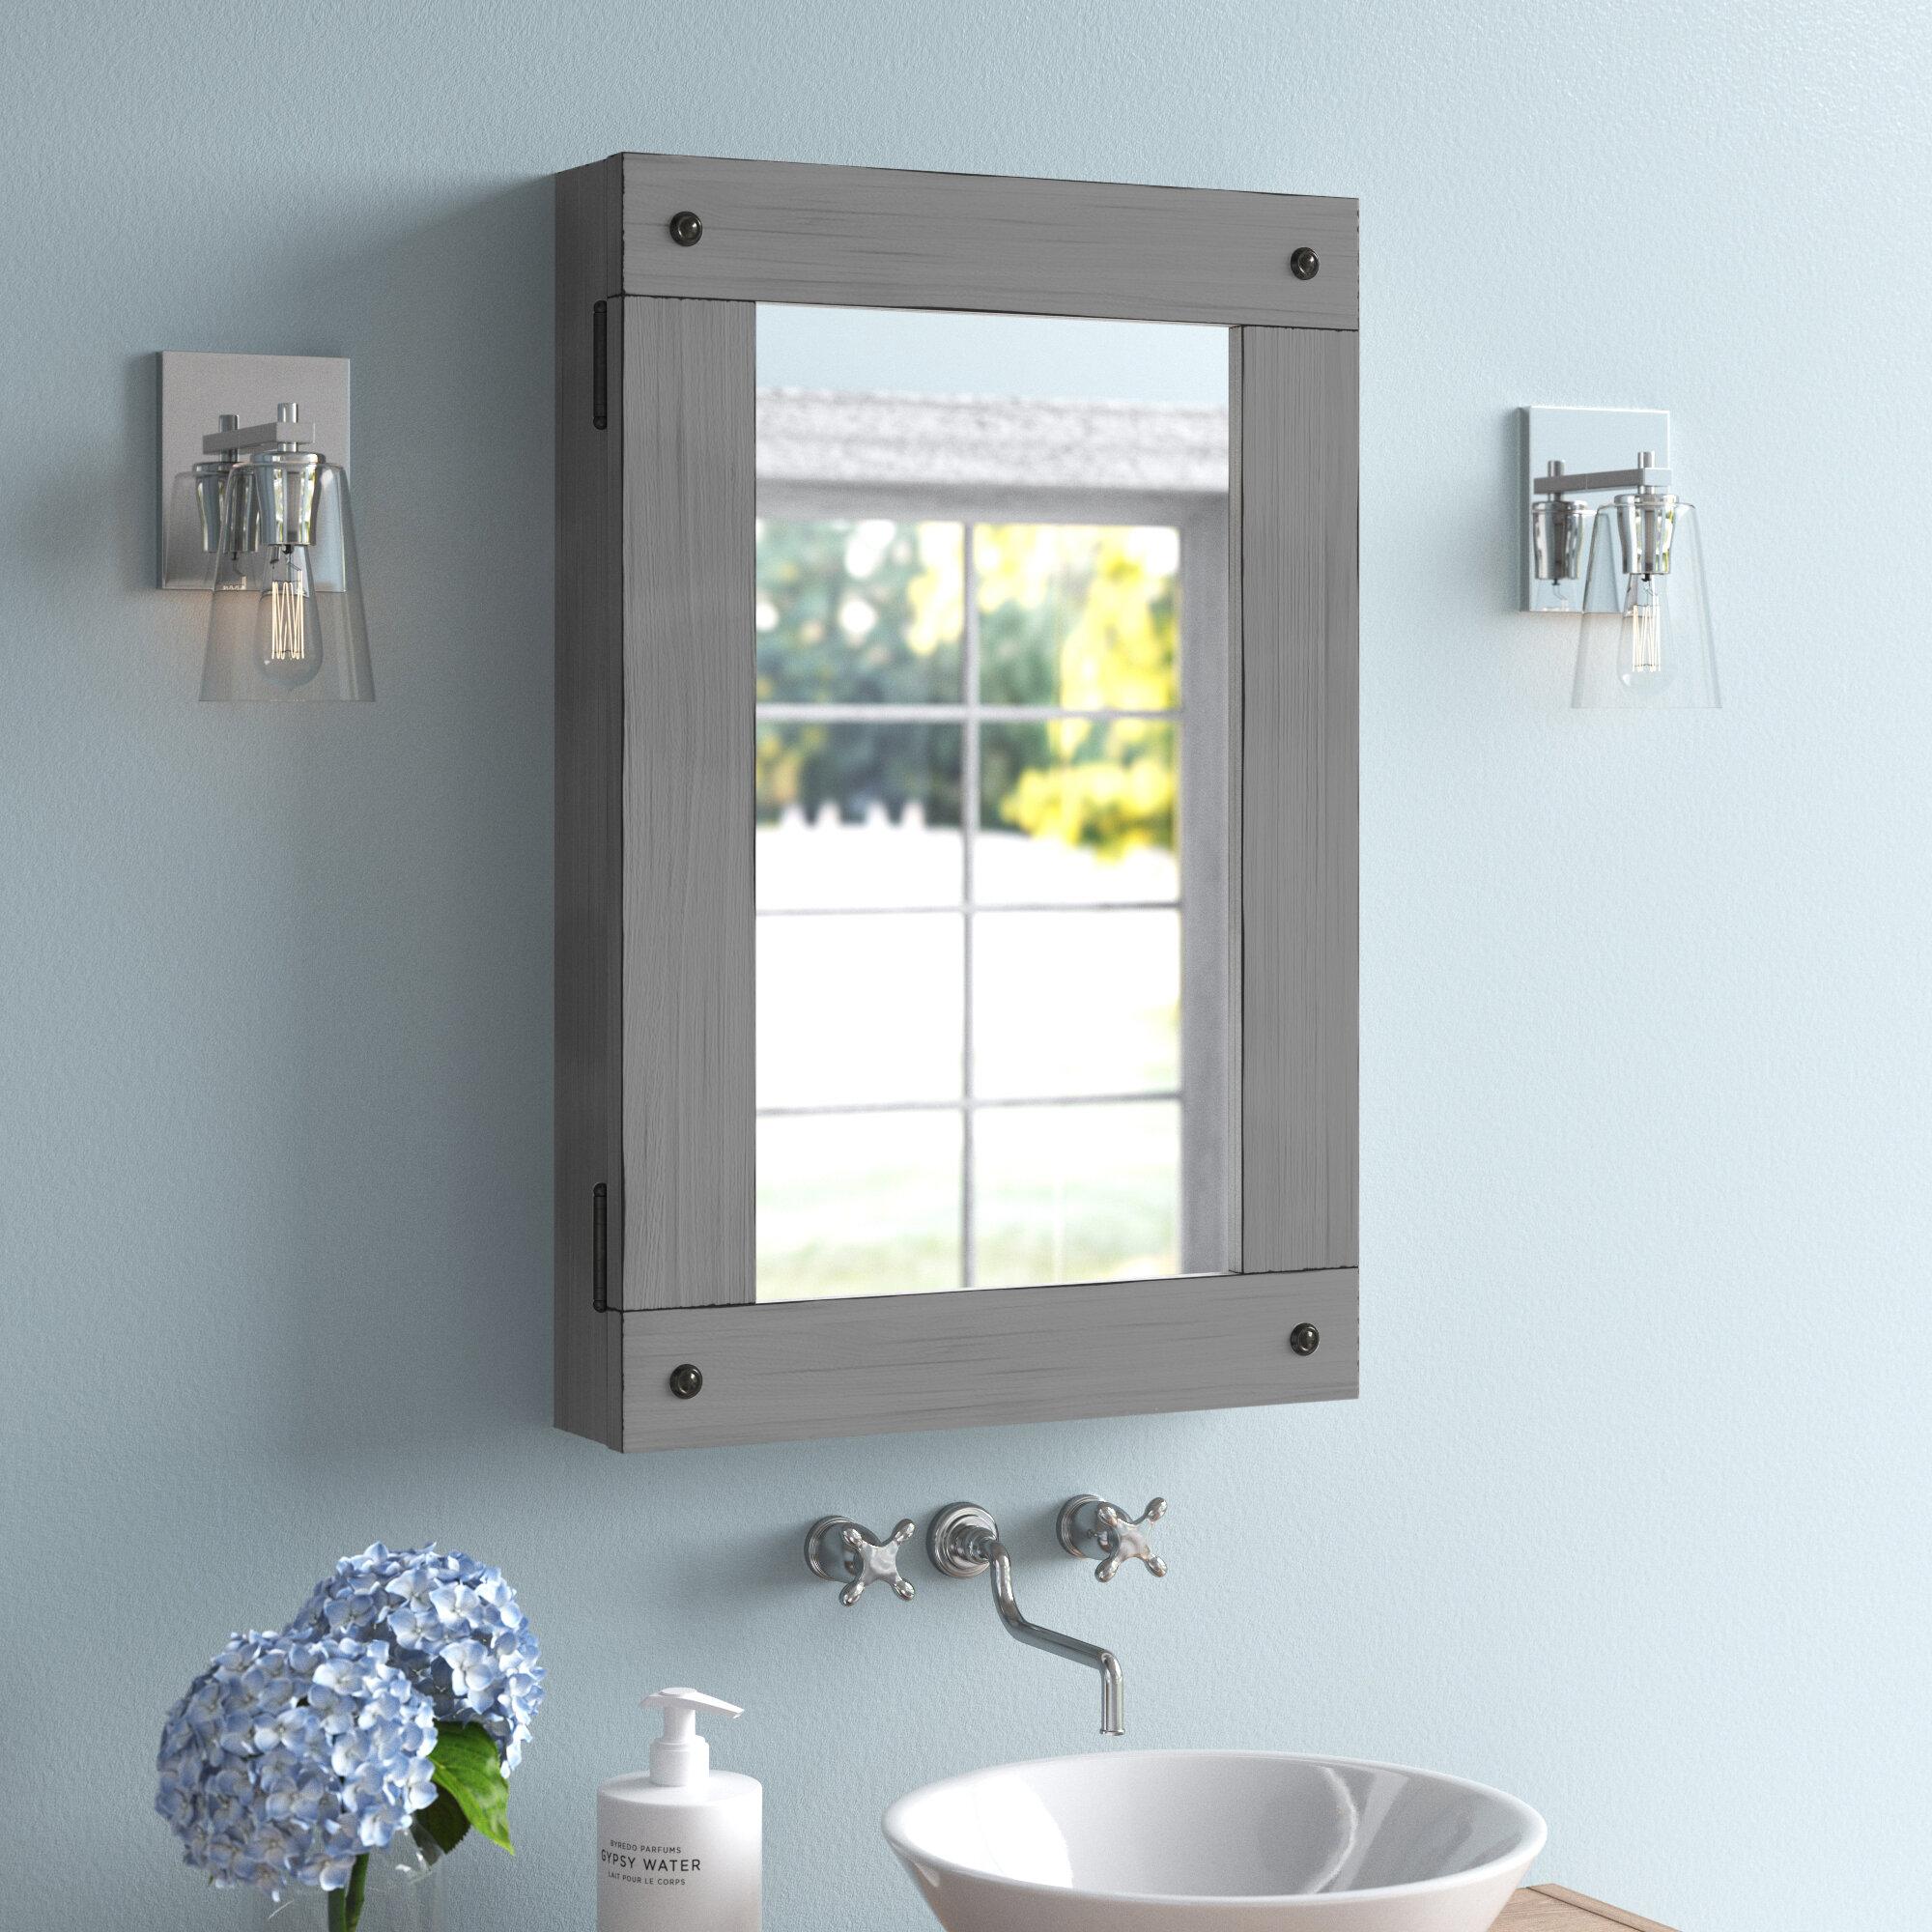 Rosecliff Heights Saffr Walden Surface Mount Framed 1 Door Medicine Cabinet With 2 Adjustable Shelves Reviews Wayfair